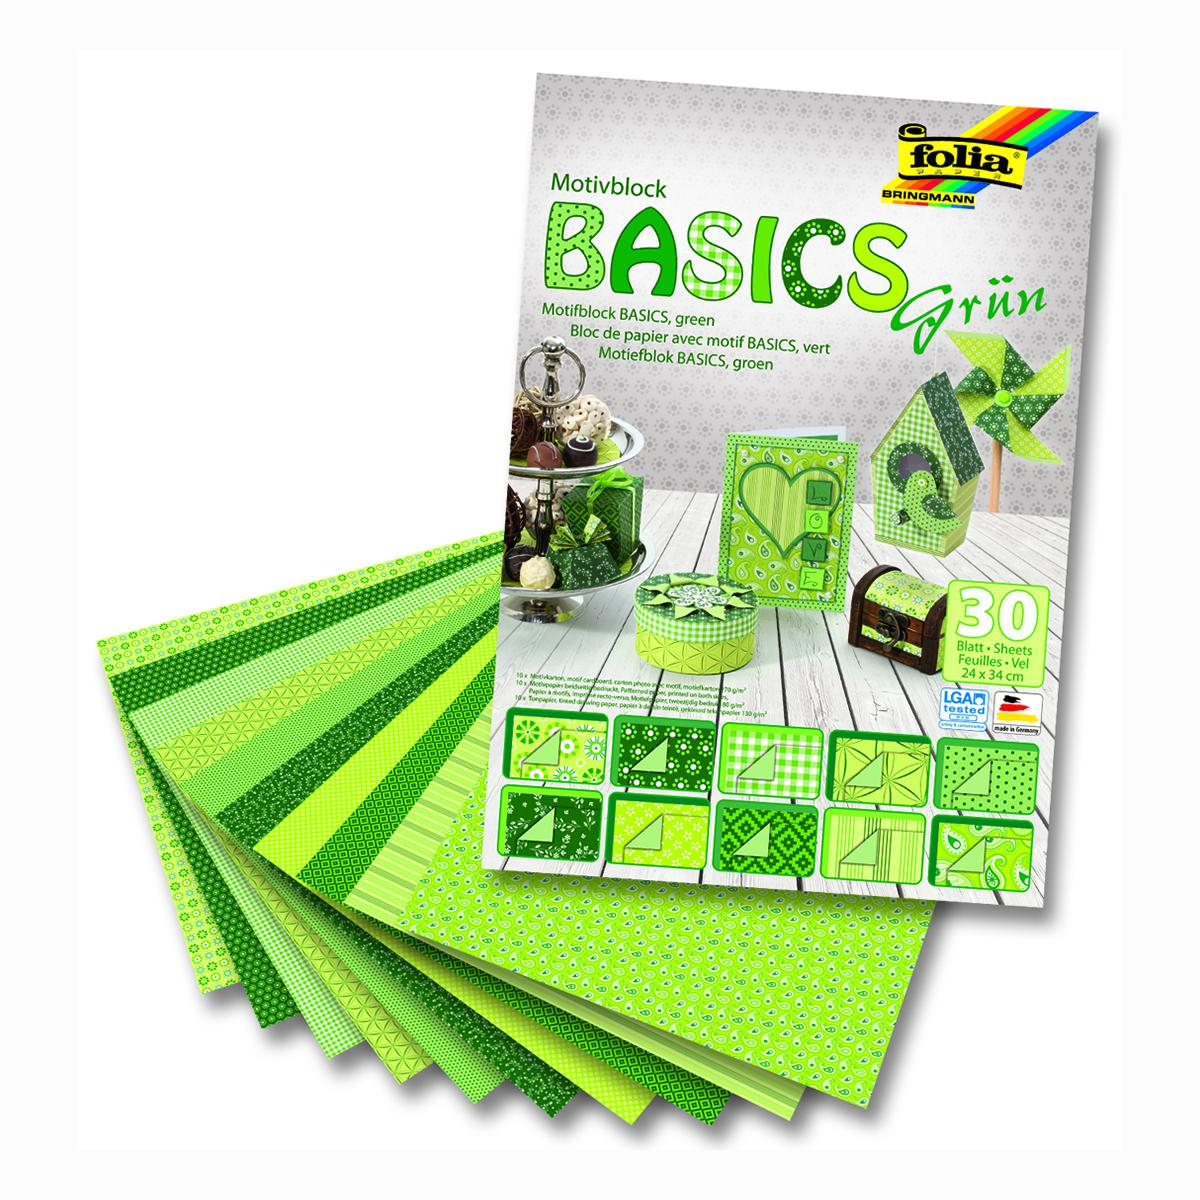 Набор дизайнерского картона Folia Базовый, цвет: зеленый, 24 х 34 см, 30 листов. 7714533 folia folia sample платье s m синий